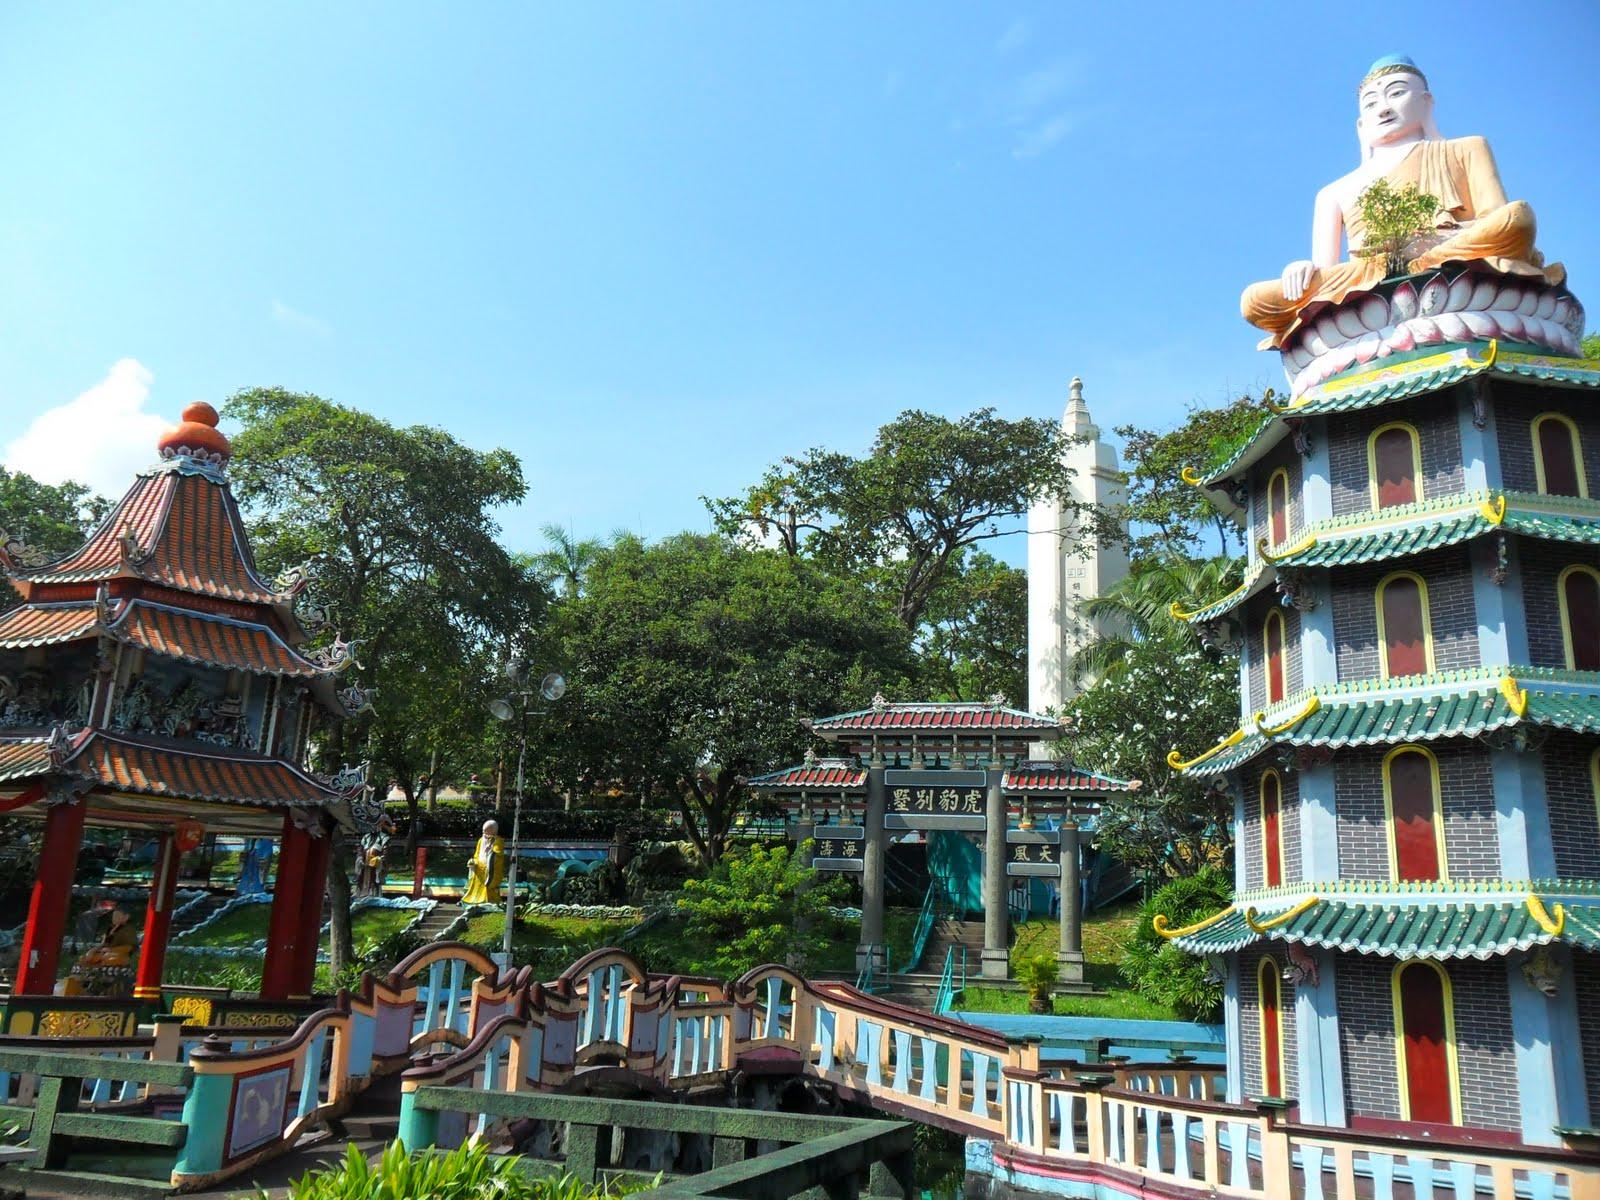 Daftar 10 Tempat Wisata Di Singapore Paling Terkenal